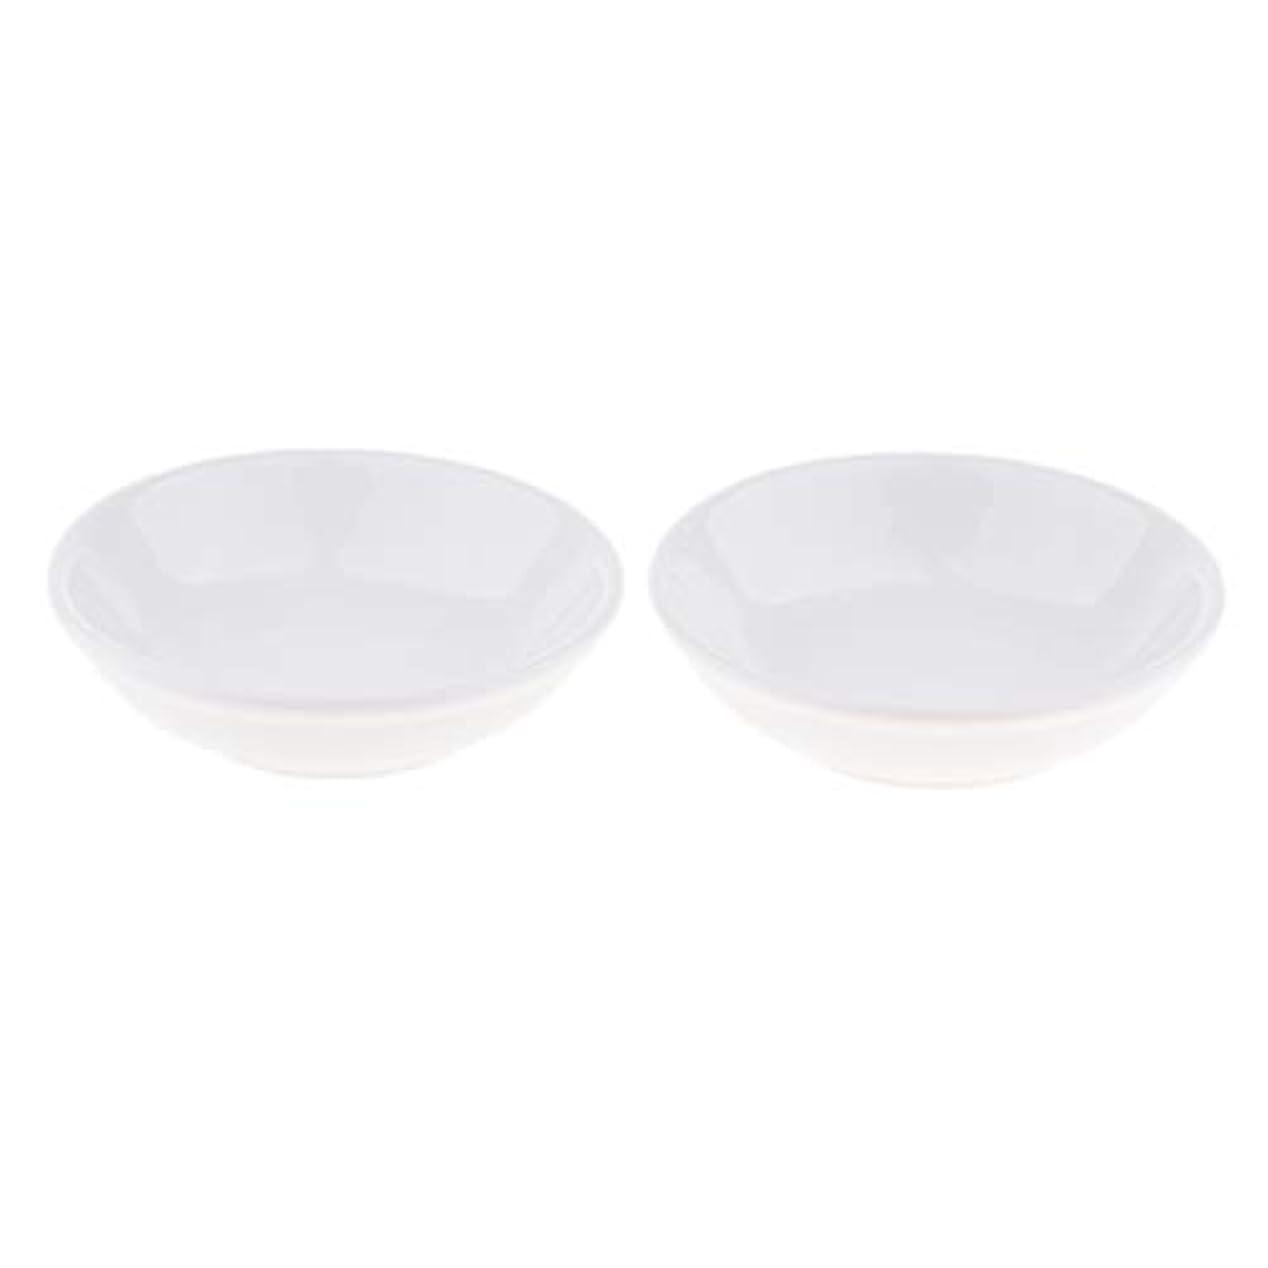 チェス精査するアジャ2個 交換用ディッシュ 皿 取り替え皿 セラミック 円形 オイルウォーマー 白